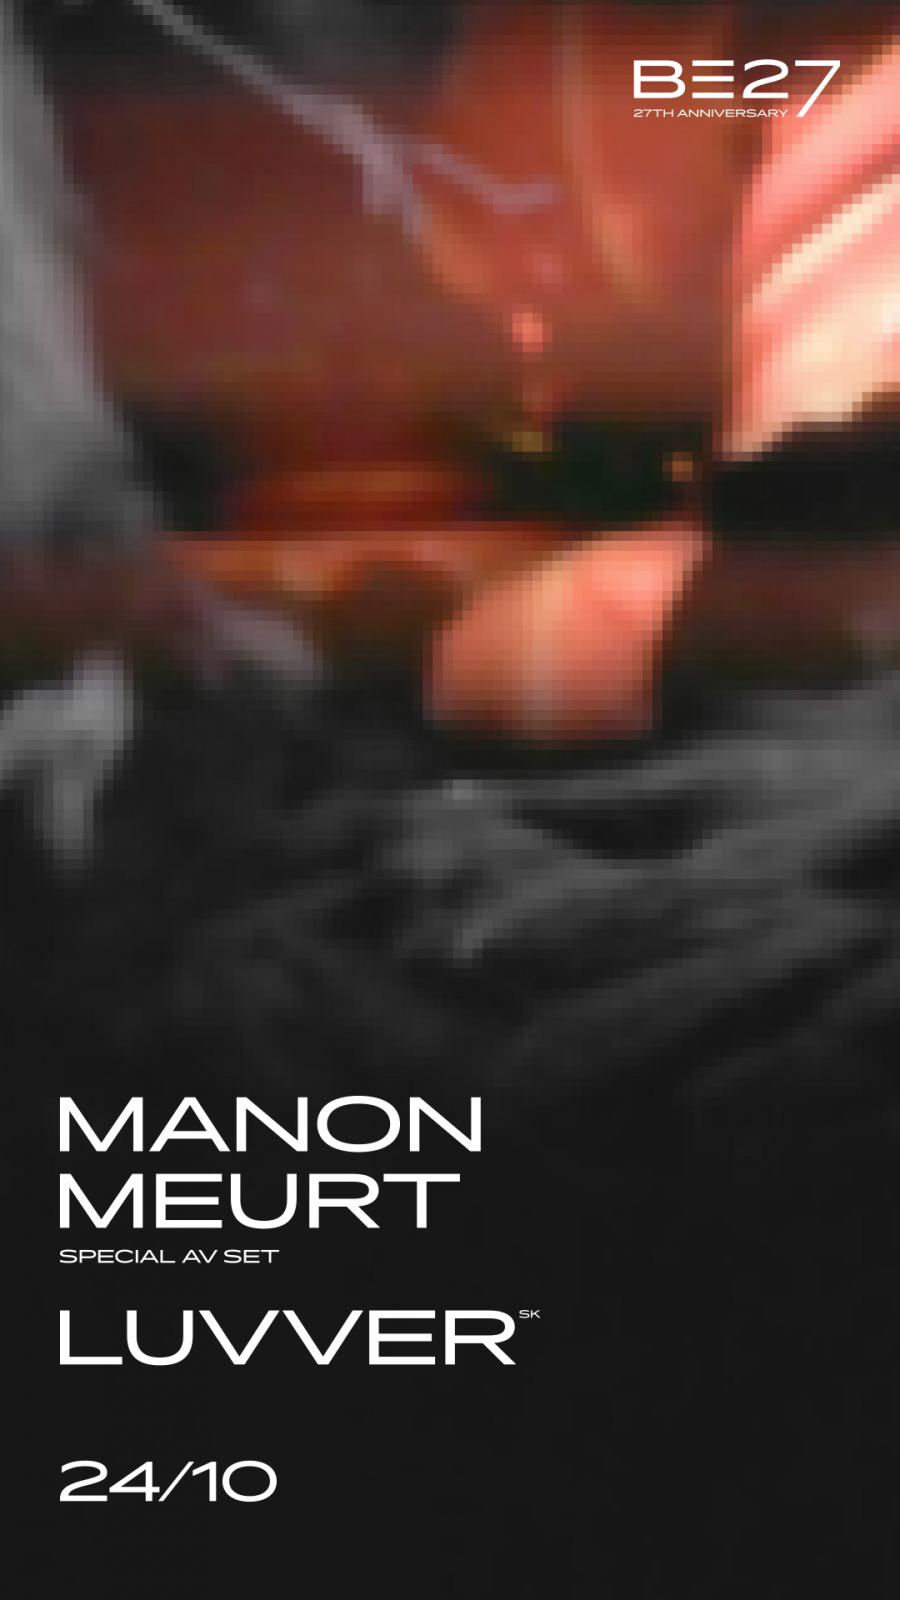 Manon Meurt a Luvver odehrají v rámci narozenin Roxy speciální sety